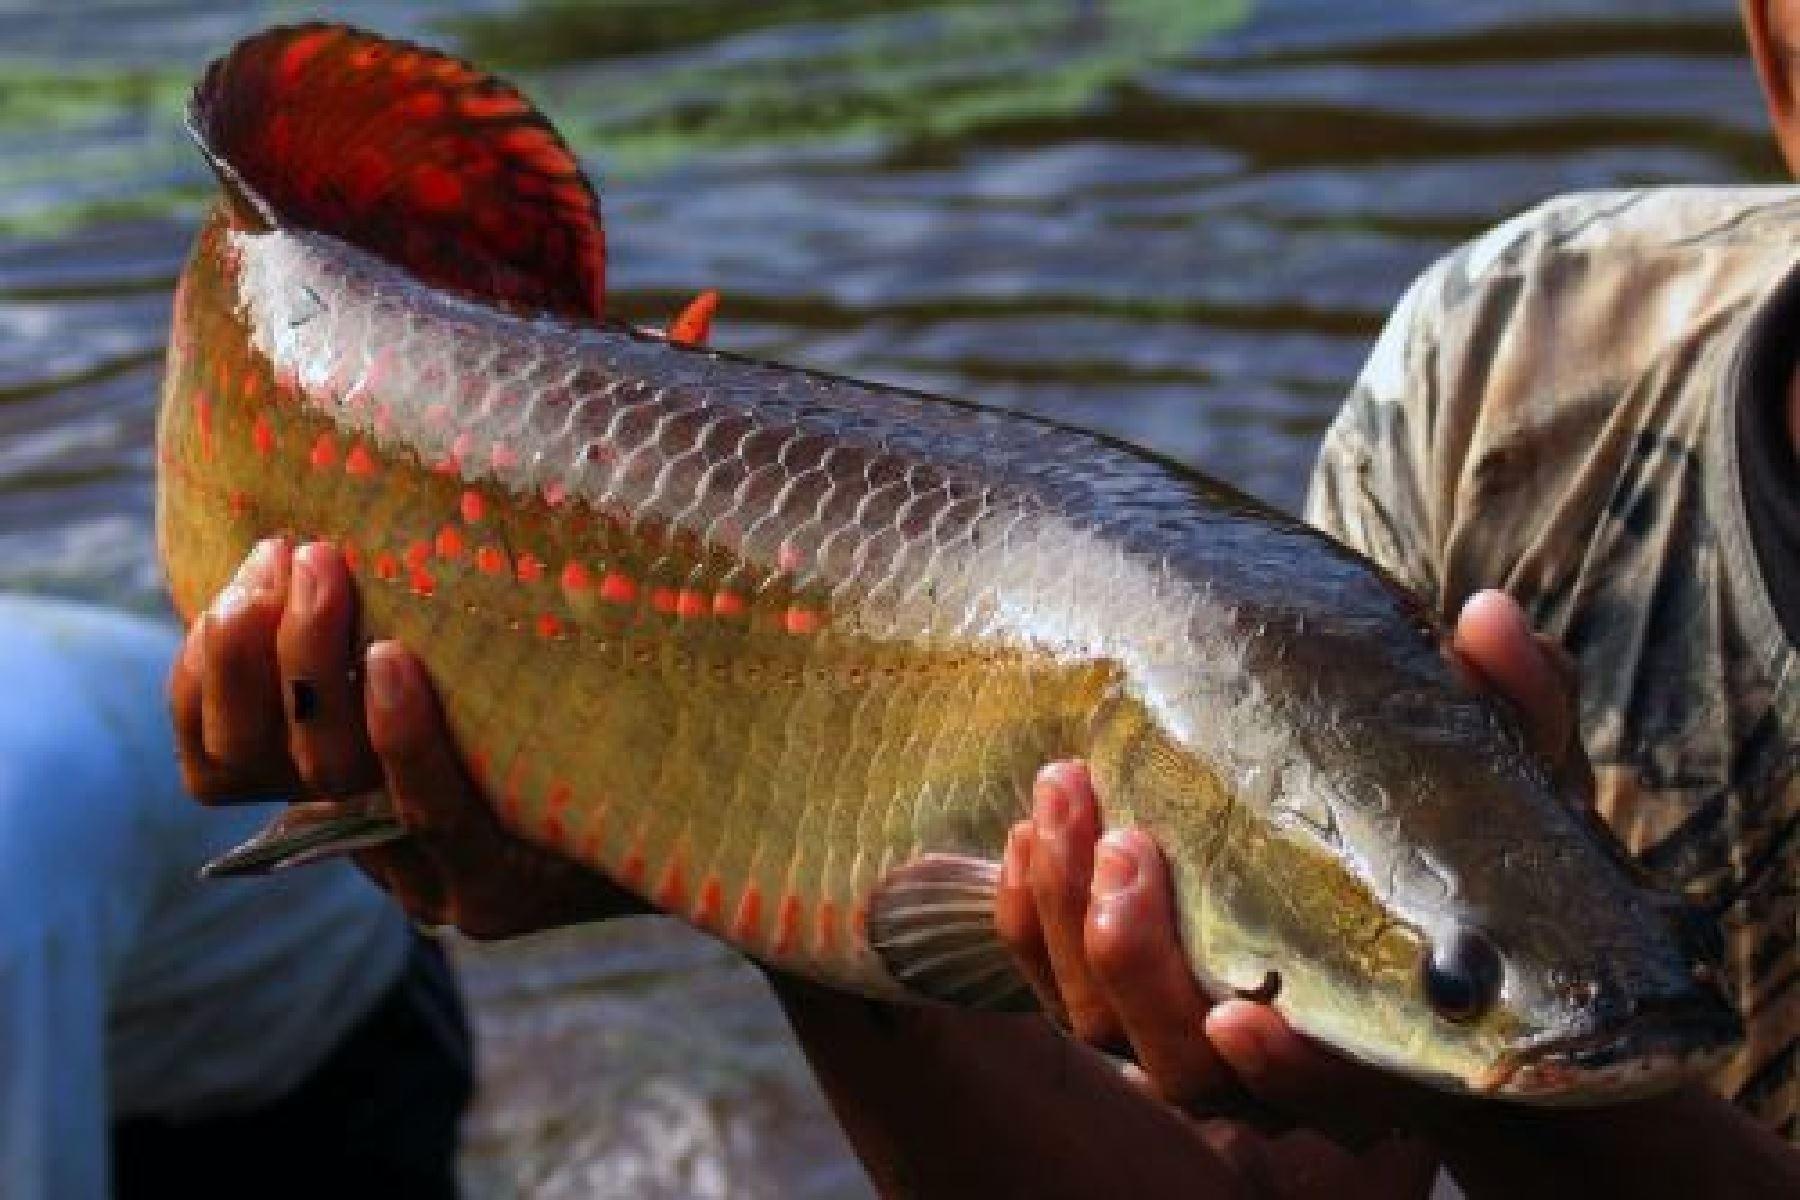 Investigadores del Instituto de Investigaciones de la Amazonía Peruana (IIAP) desarrollaron una innovadora tecnología que utiliza la glándula hipófisis del paiche para reproducción inducida de otros peces amazónicos de importancia comercial. ANDINA/Difusión